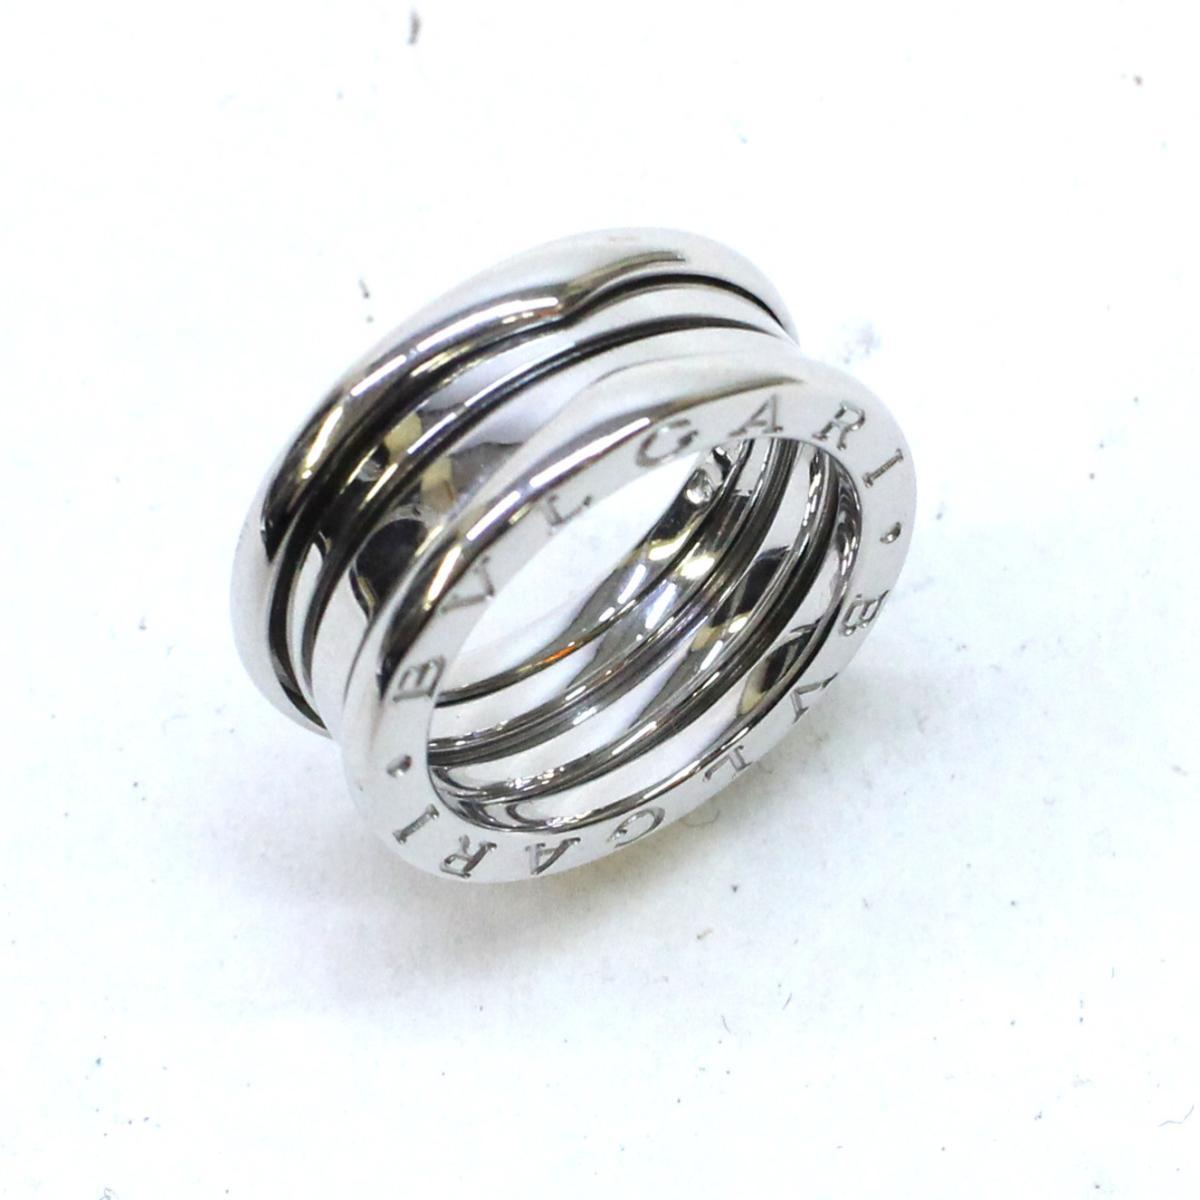 ブルガリ B-zero1 リング Sサイズ ブランドジュエリー レディース K18WG (750) ホワイトゴールド シルバー 【中古】   BVLGARI BRANDOFF ブランドオフ ブランド ジュエリー アクセサリー 指輪